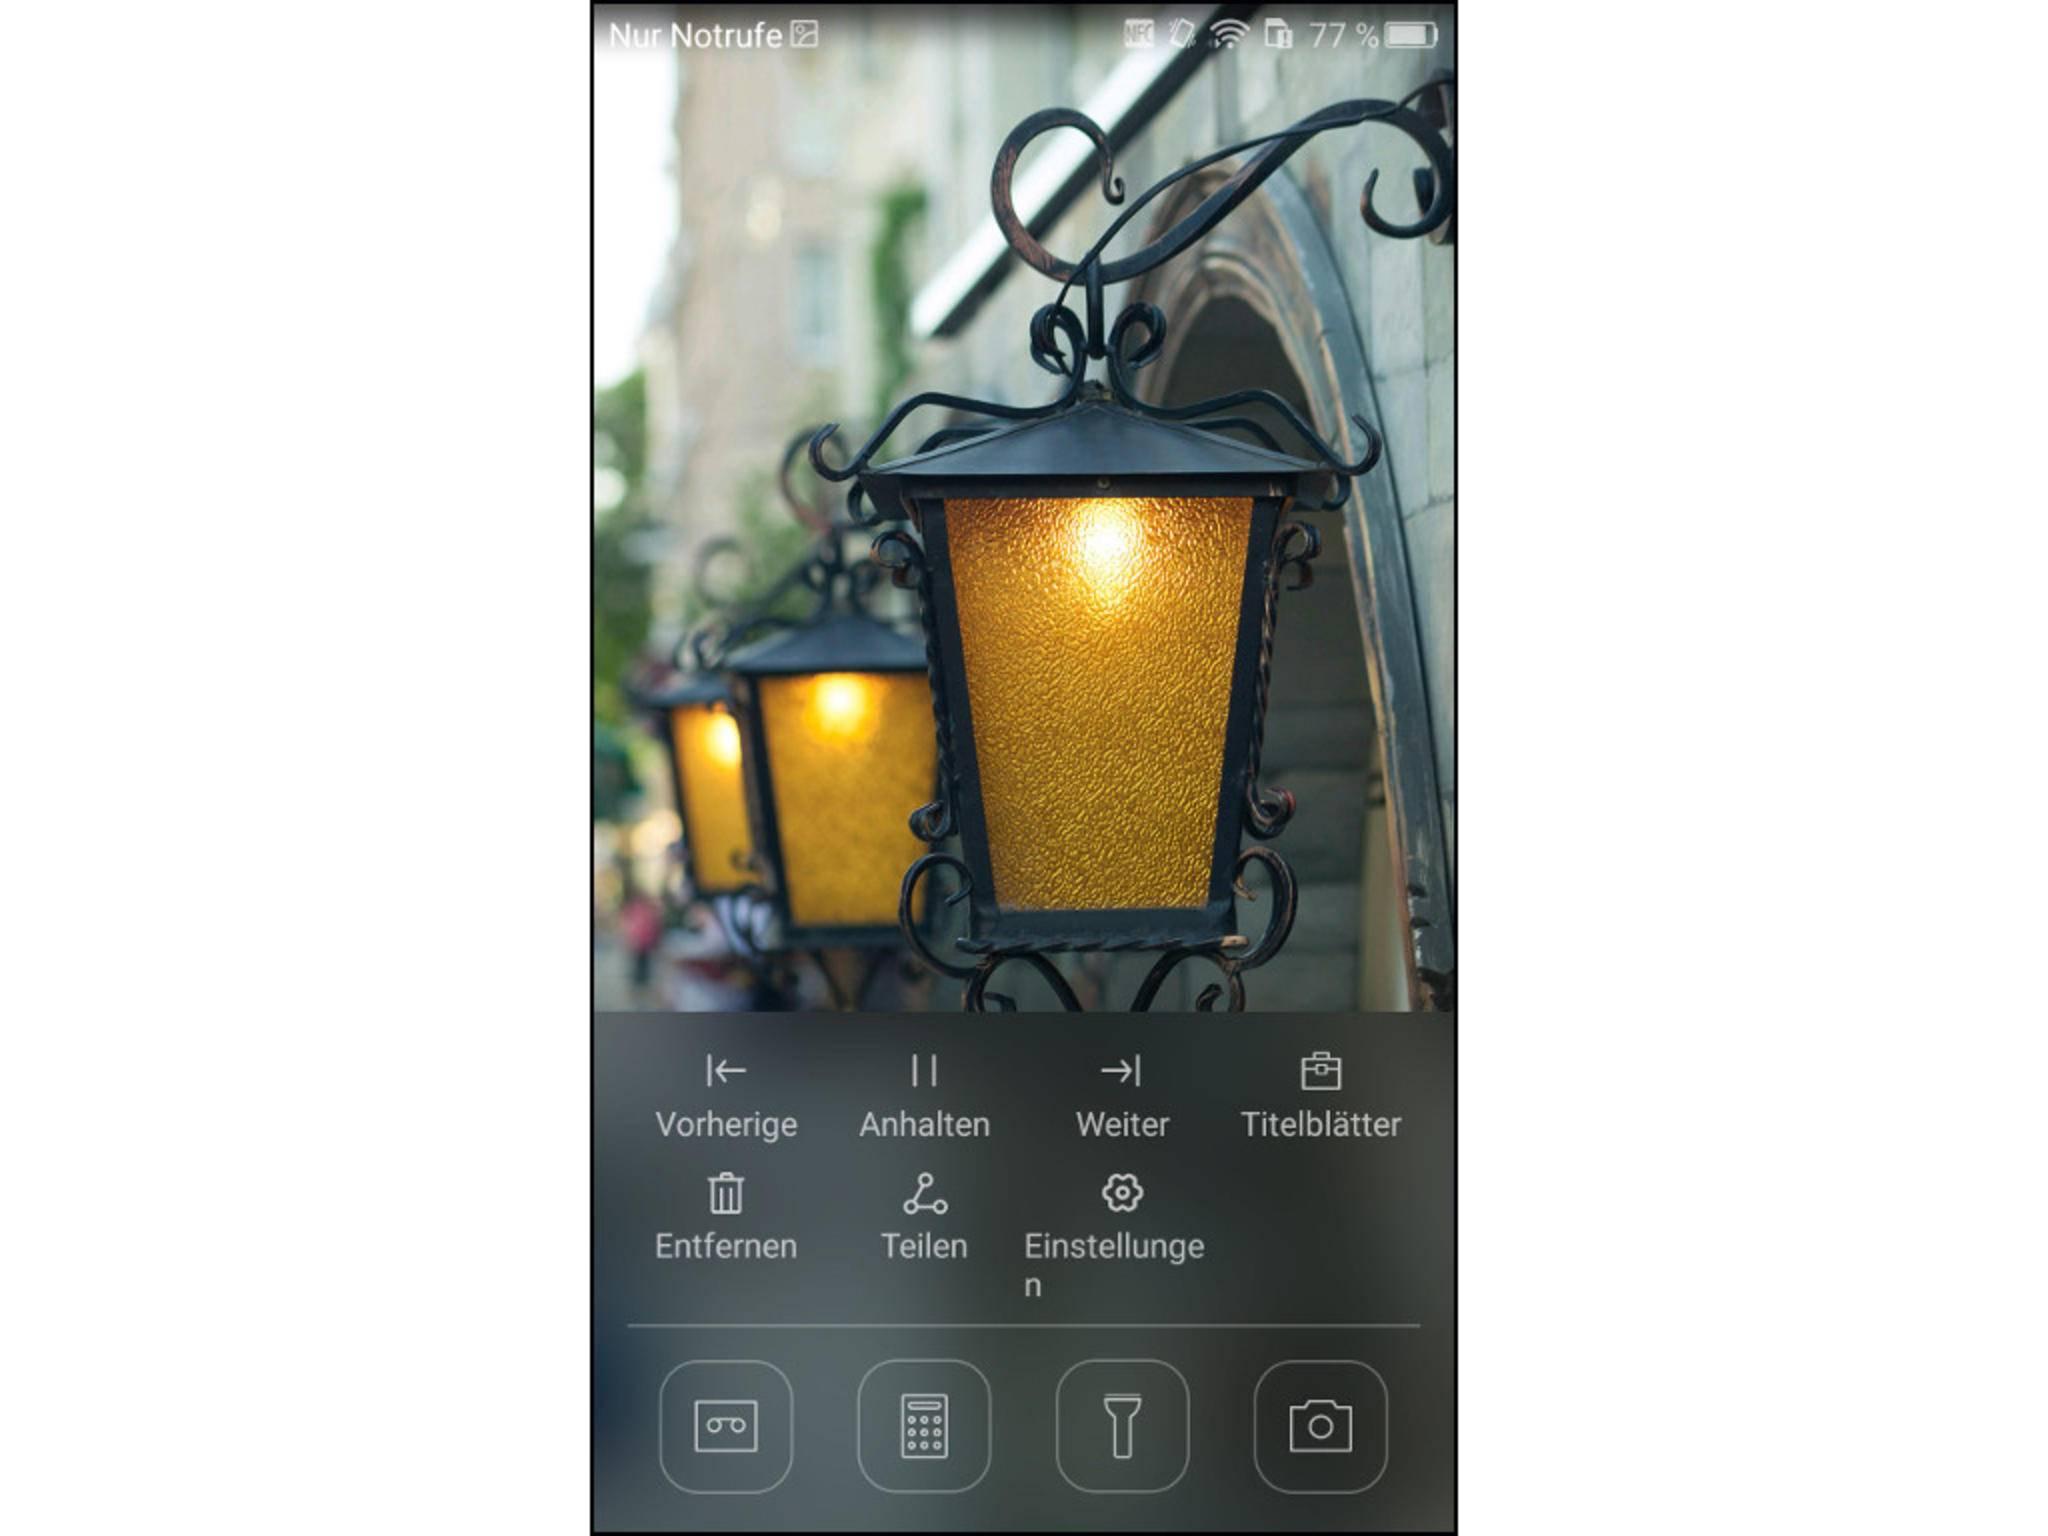 Wie in iOS: Auf dem Startbildschirm gibts ein Kurzmenü.